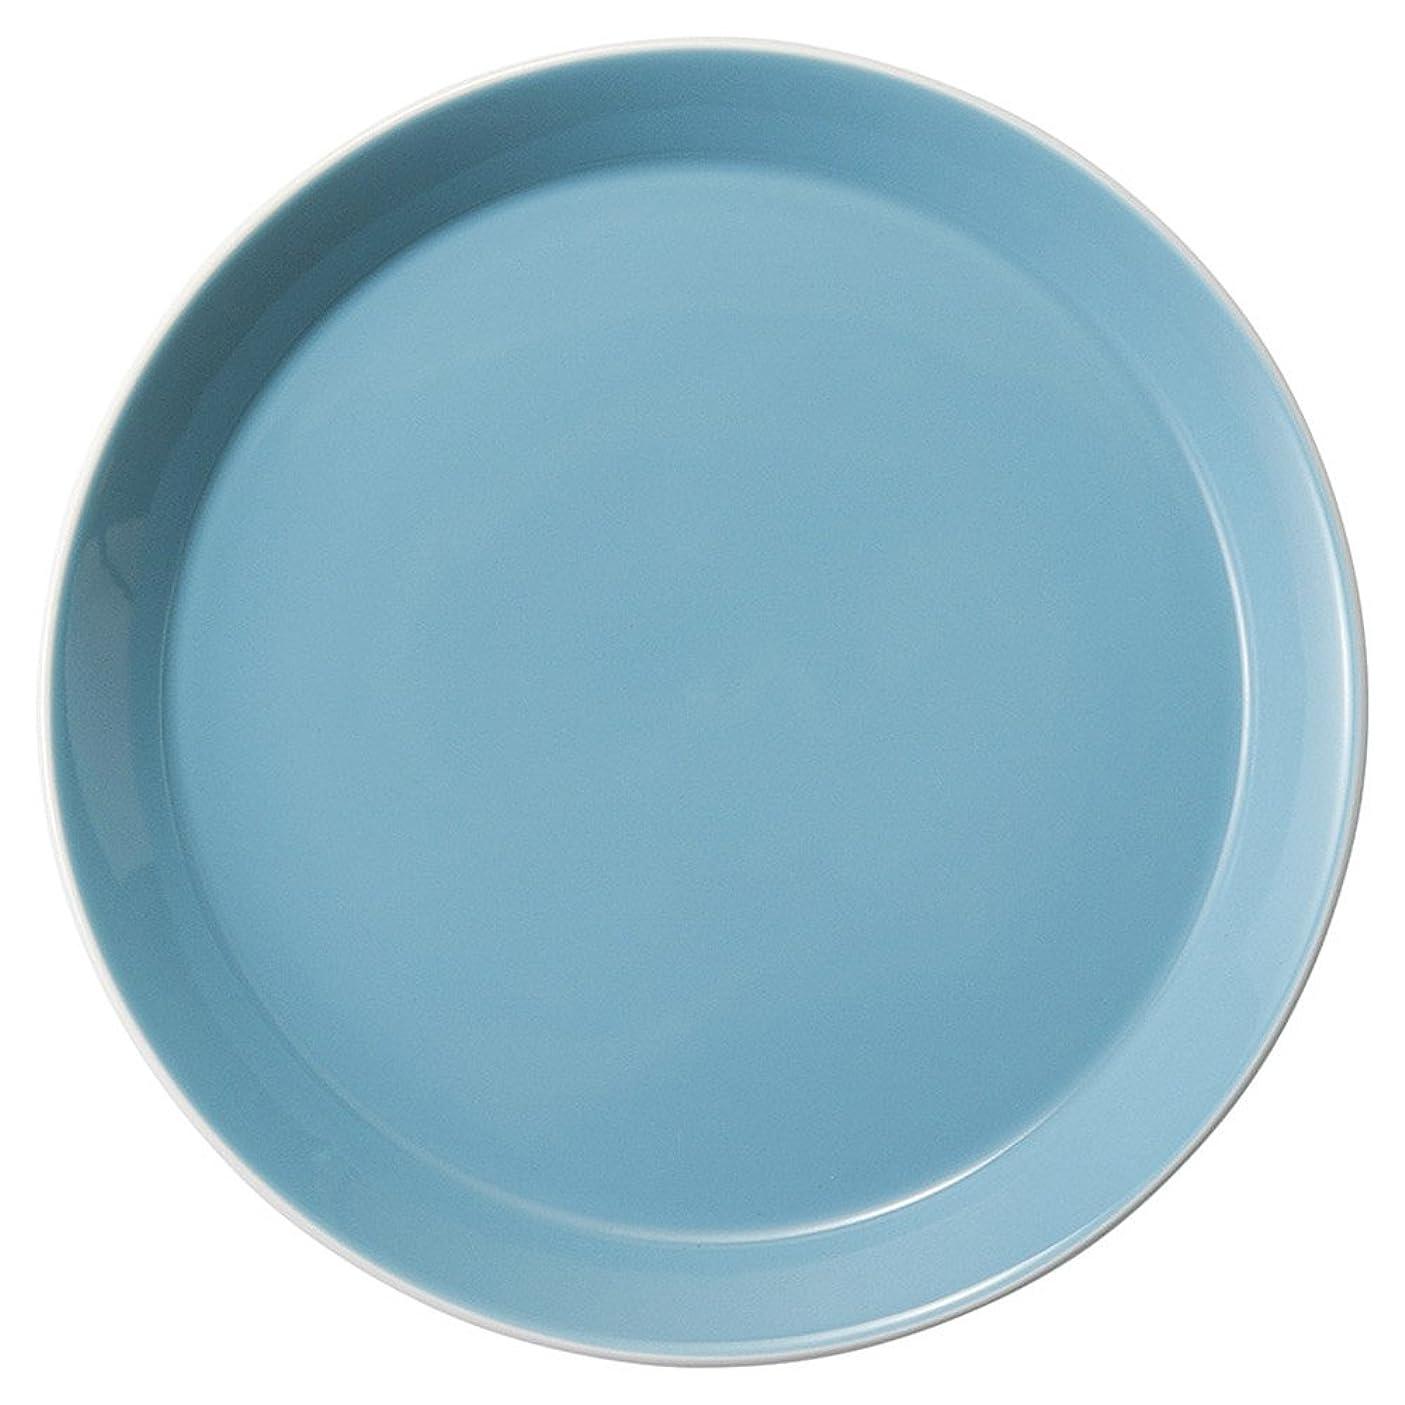 資格ためらうアジテーション光洋陶器 パシオン プレート 26cm セレステ 12385002